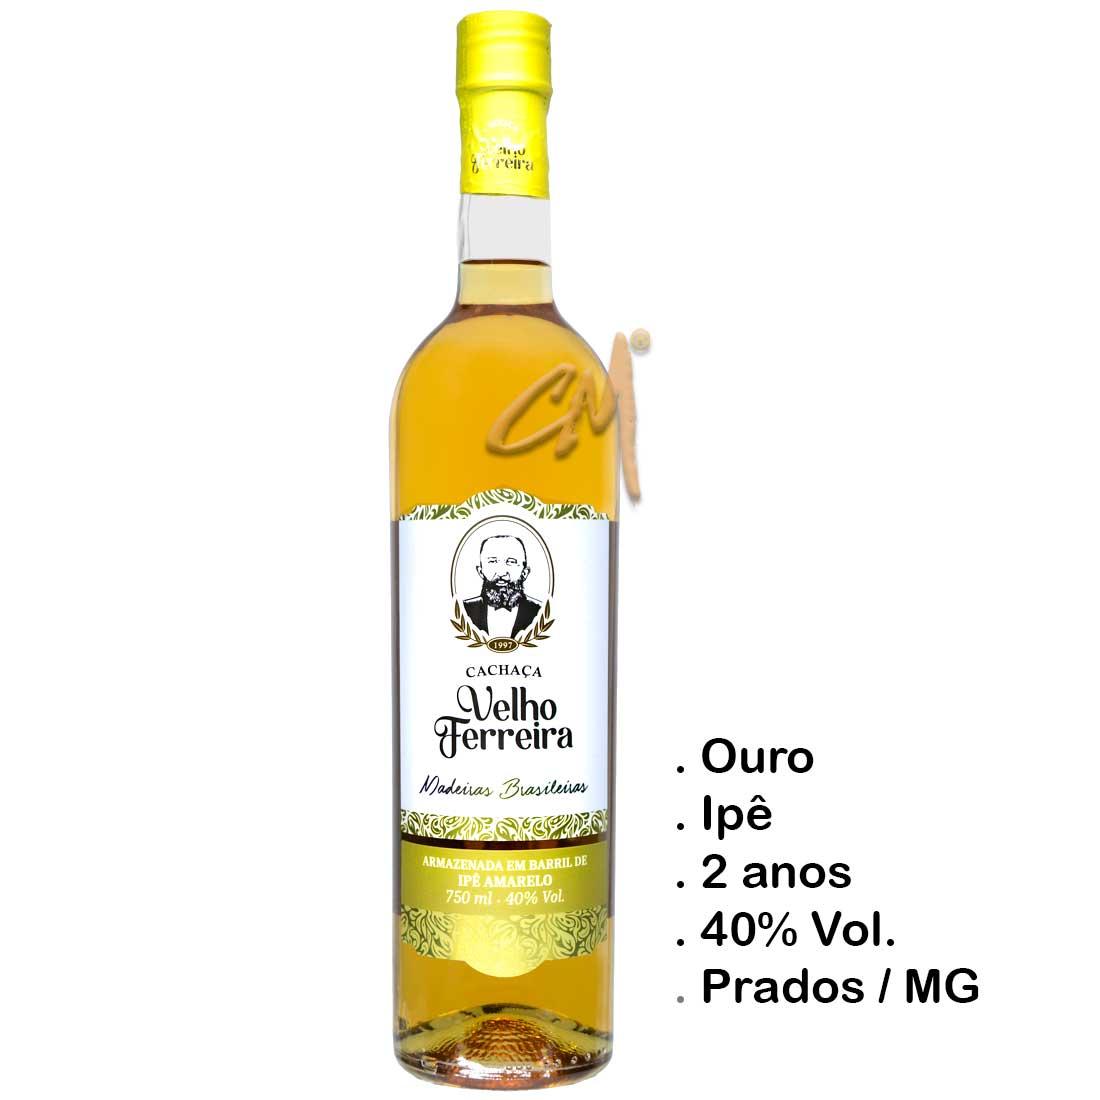 Cachaça Velho Ferreira Ipê Amarelo 750 ml   (Prados - MG)